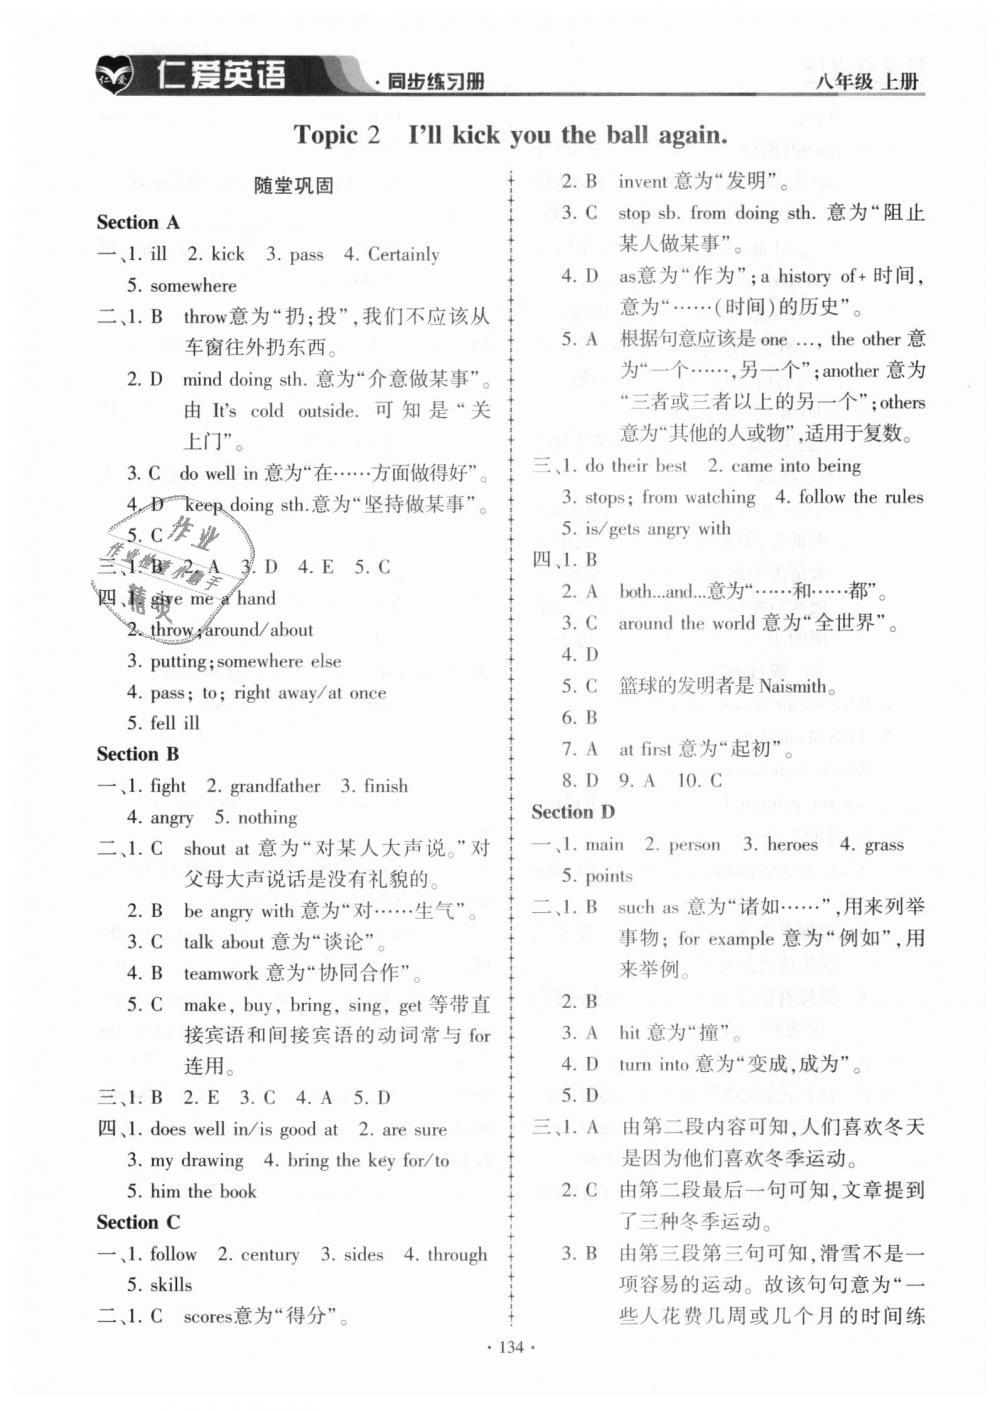 2018年仁爱英语同步练习册八年级上册E第4页